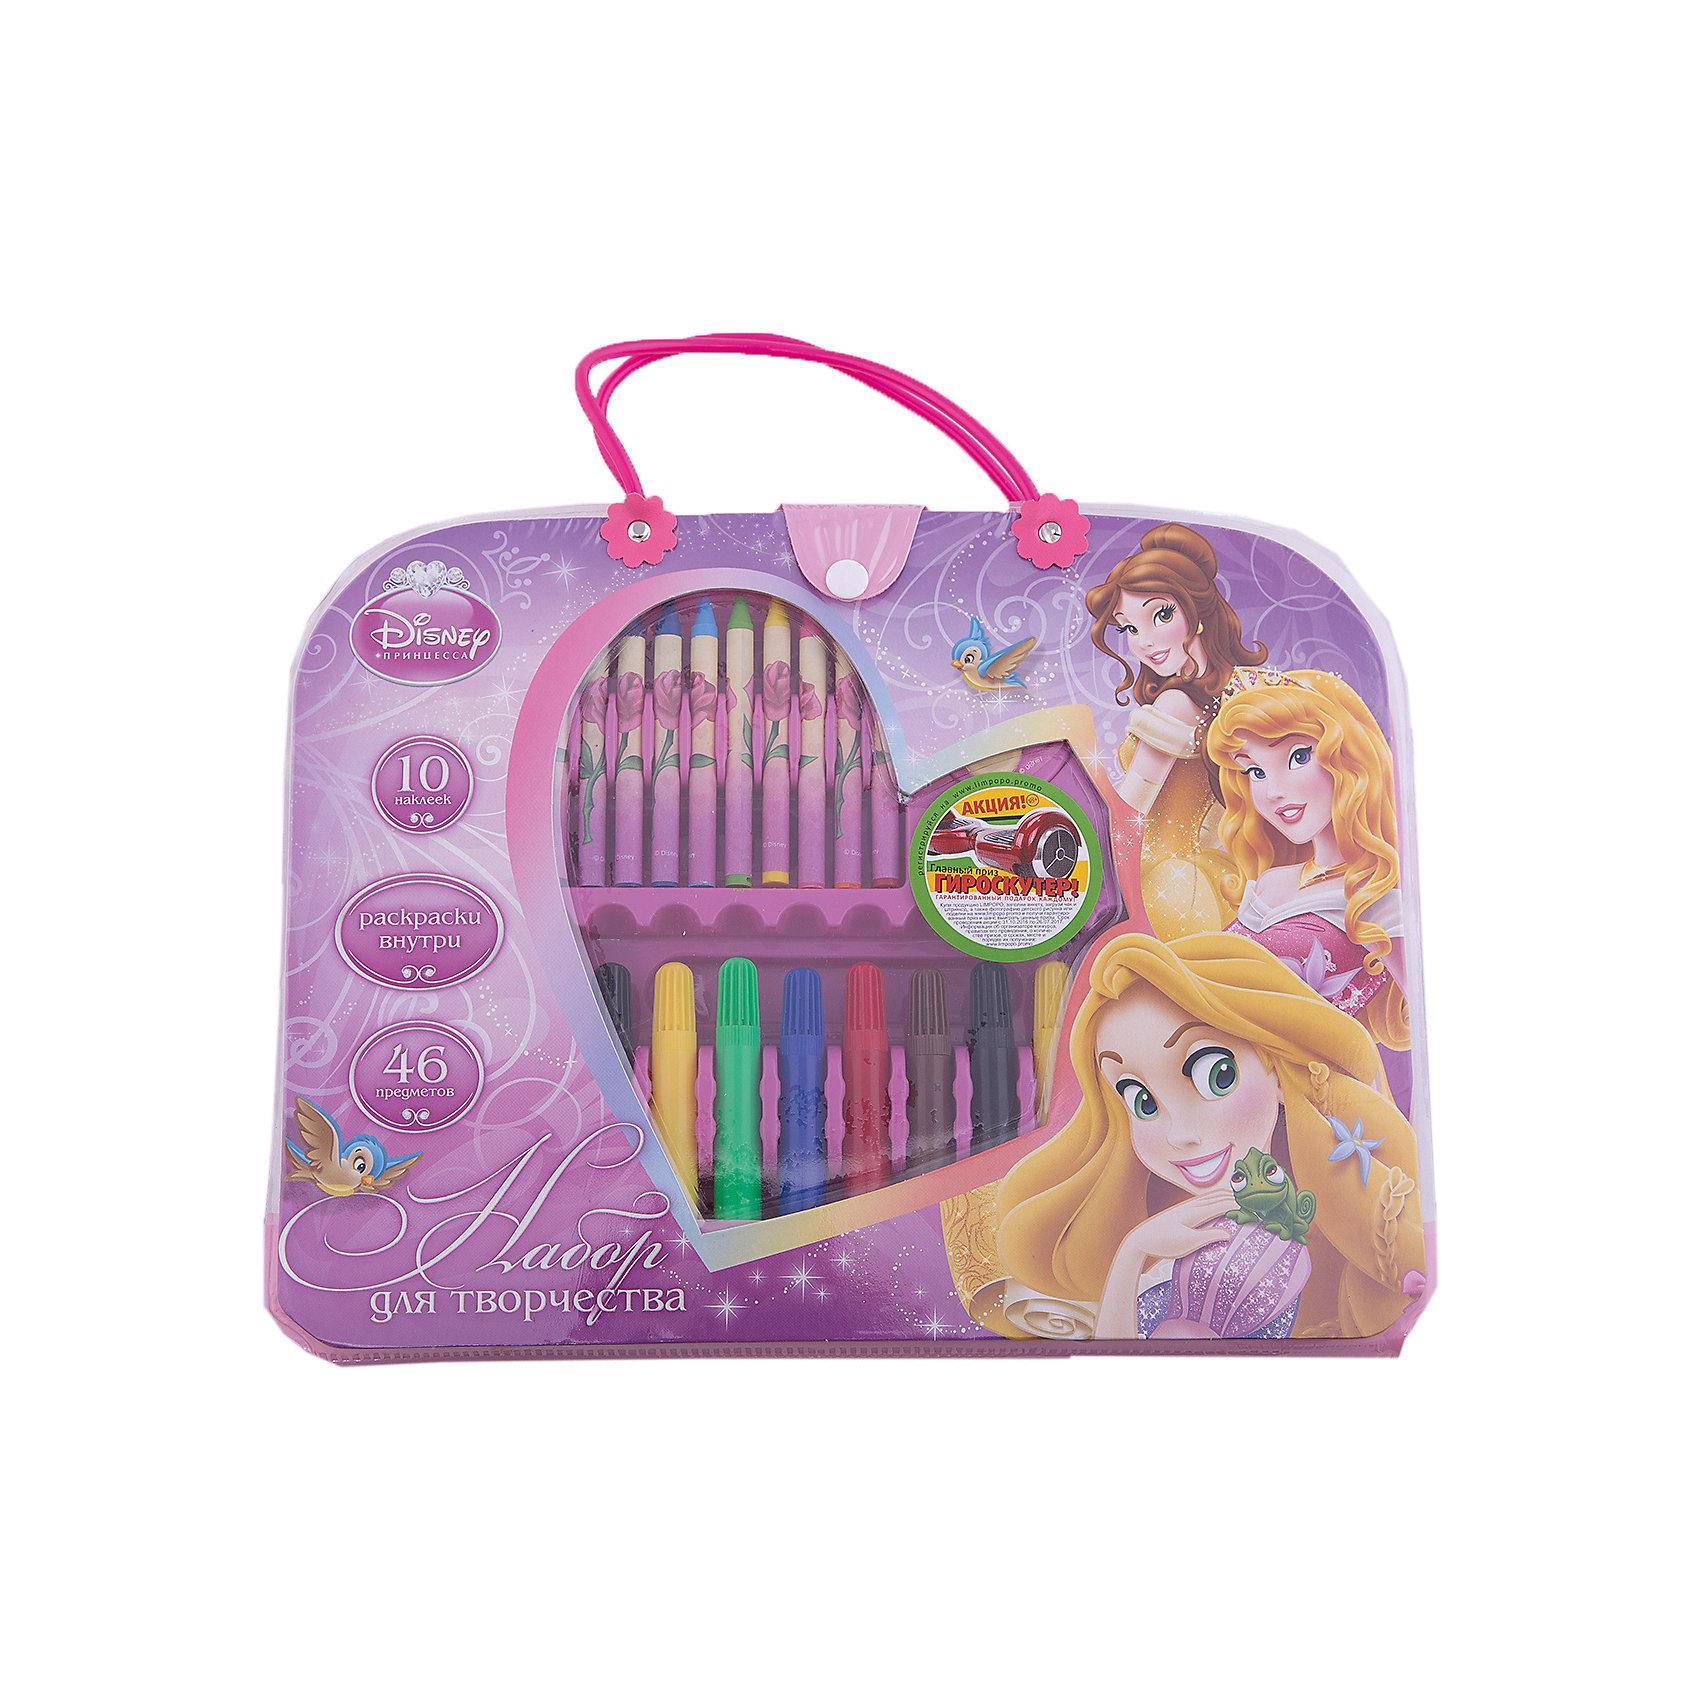 Набор для творчества (46 предметов), Принцессы ДиснейНабор для творчества (46 предметов), Disney Princess – это великолепный подарок для поклонницы принцесс Диснея.<br>Модный набор выполнен в форме симпатичного аксессуара-сумочки для маленькой модницы. Внутри сумочки полный комплект инструментов для творчества, а также раскраски и наклейки.<br><br>Дополнительная информация:<br><br>- В наборе: 12 фломастера, 12 мелков, ластик, точилка, клей, линейка, раскраски 5 шт., наклейки 10 шт., набор скрепок, стикер<br>- Размер сумочки: 32,5 х 25 х 4,2 см.<br><br>Набор для творчества (46 предметов), Disney Princess можно купить в нашем интернет-магазине.<br><br>Ширина мм: 20<br>Глубина мм: 280<br>Высота мм: 300<br>Вес г: 502<br>Возраст от месяцев: 60<br>Возраст до месяцев: 96<br>Пол: Женский<br>Возраст: Детский<br>SKU: 3986186